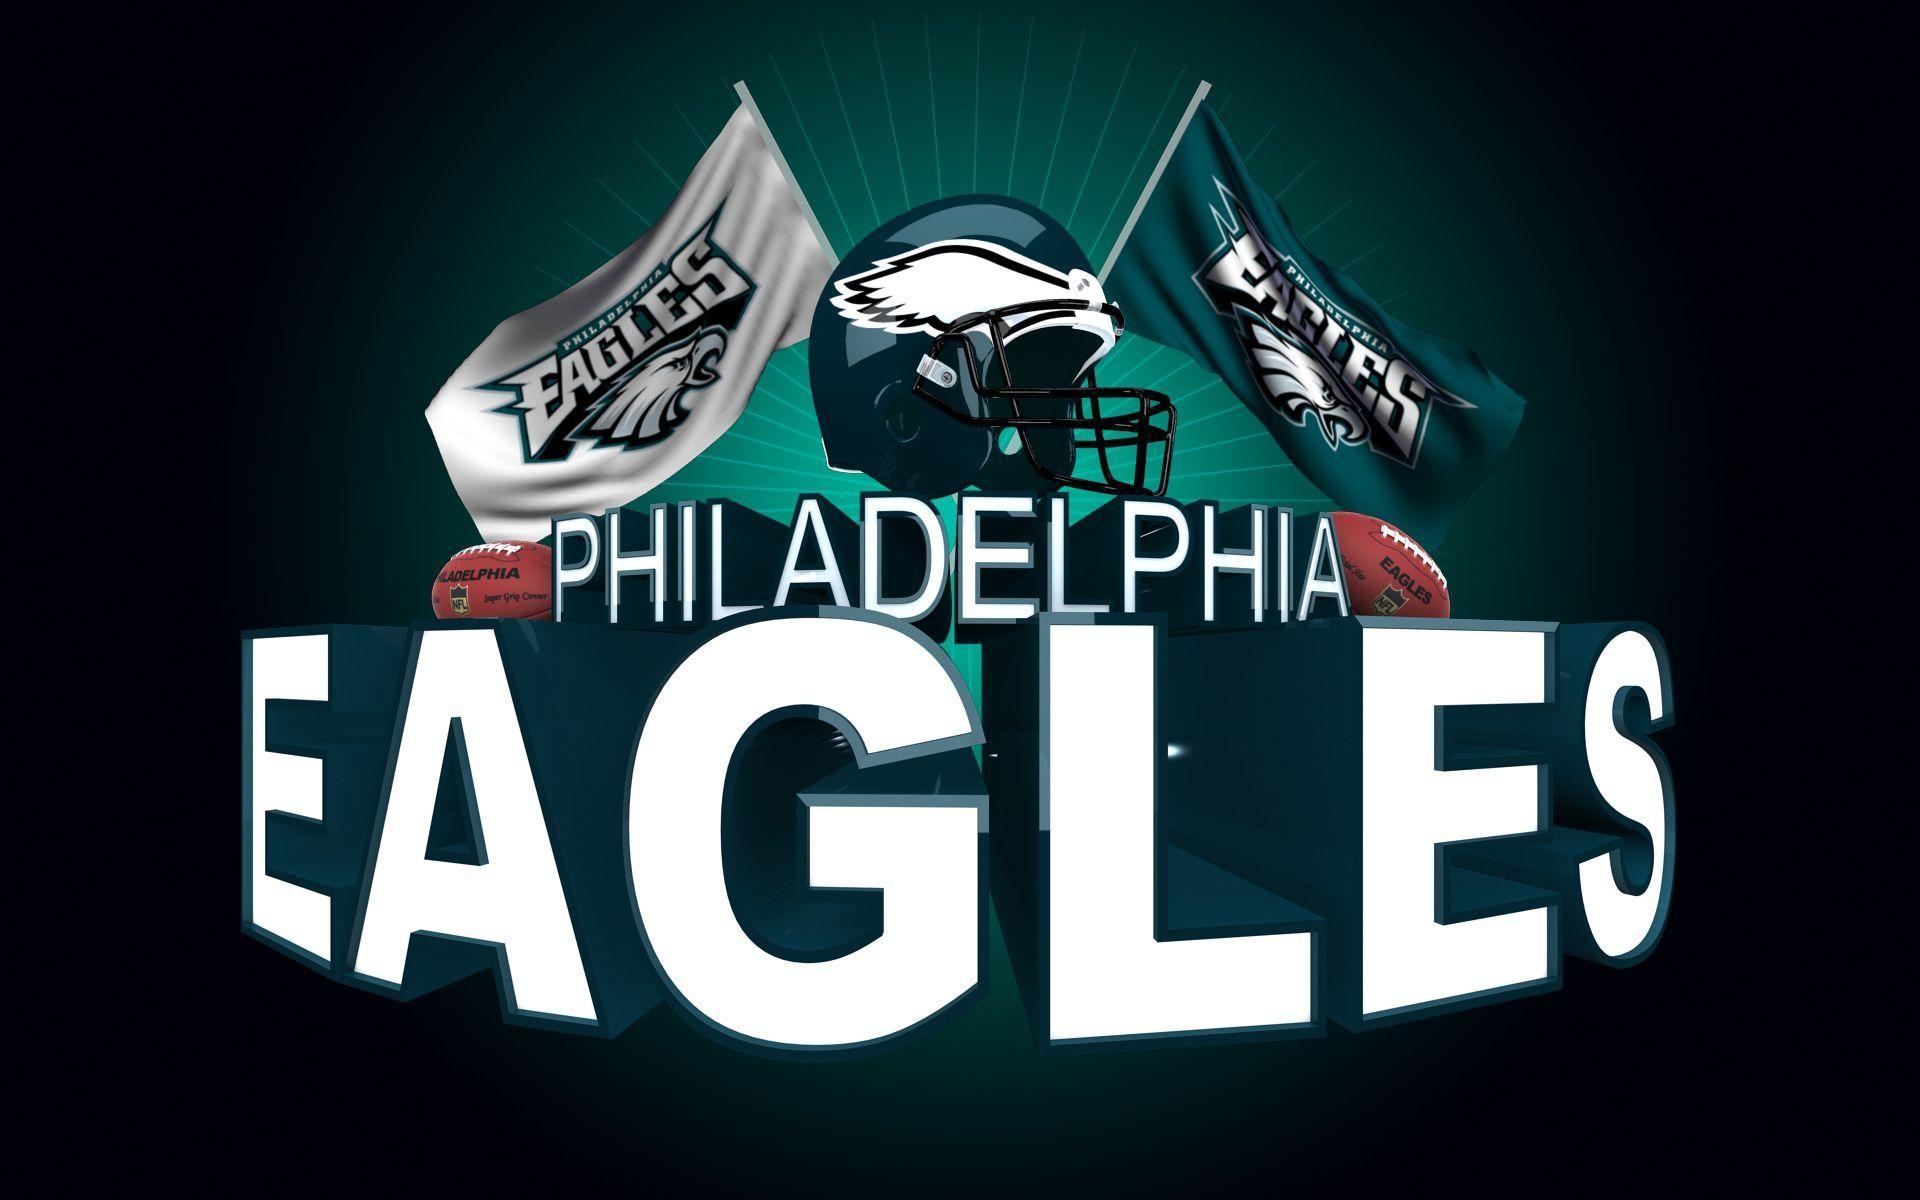 Best 20 Philadelphia eagles logo ideas on Pinterest